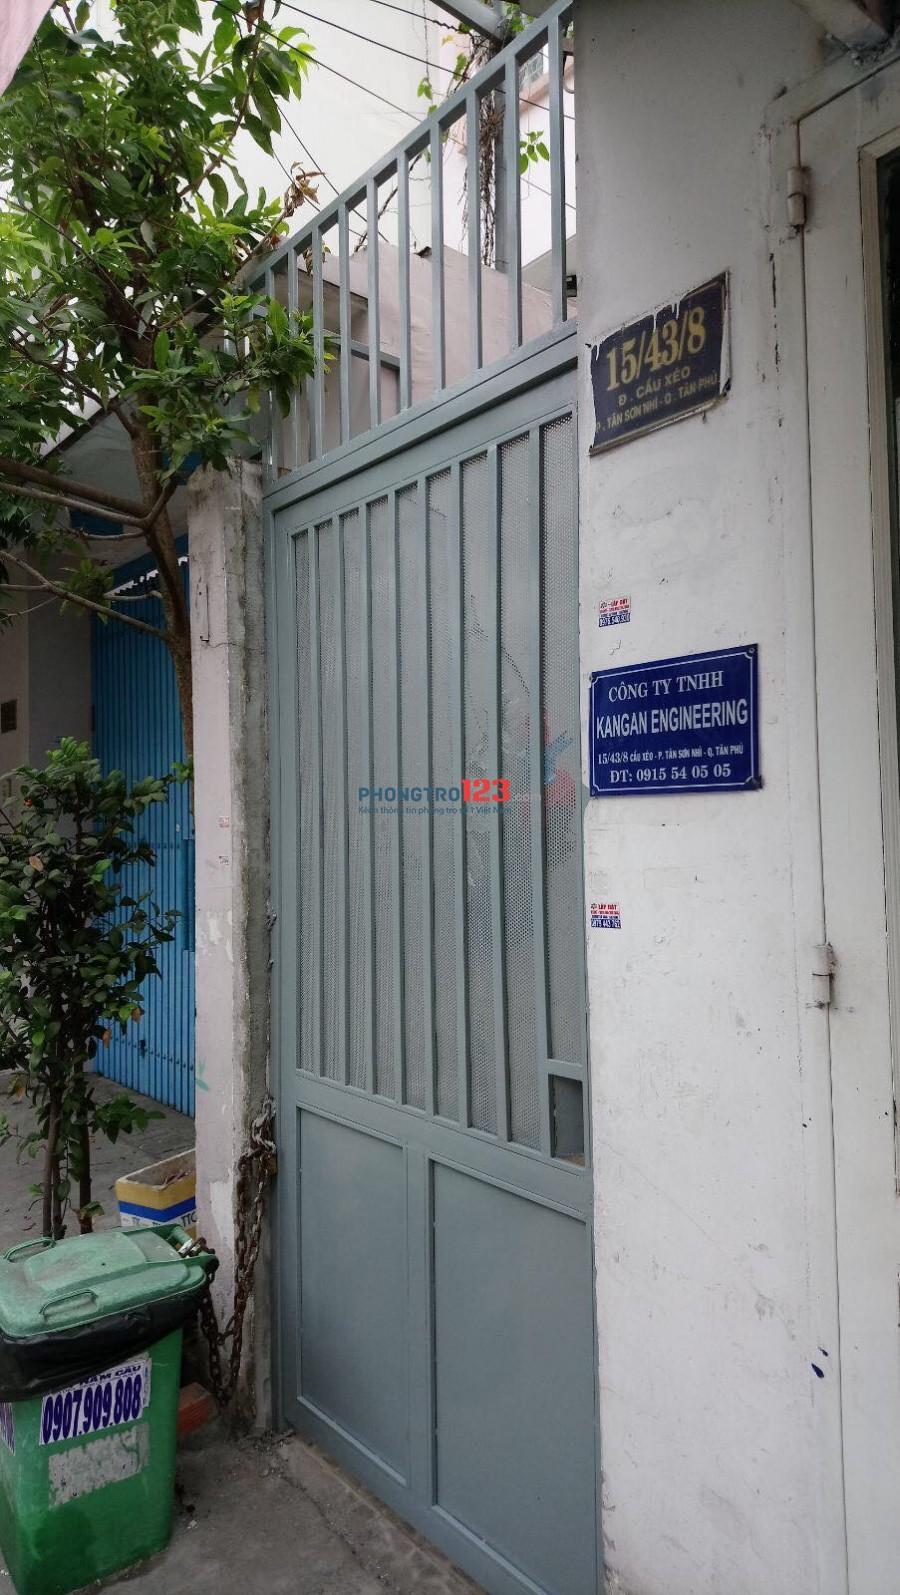 Phòng trọ 25m2 đường Cầu Xéo, Quận Tân Phú